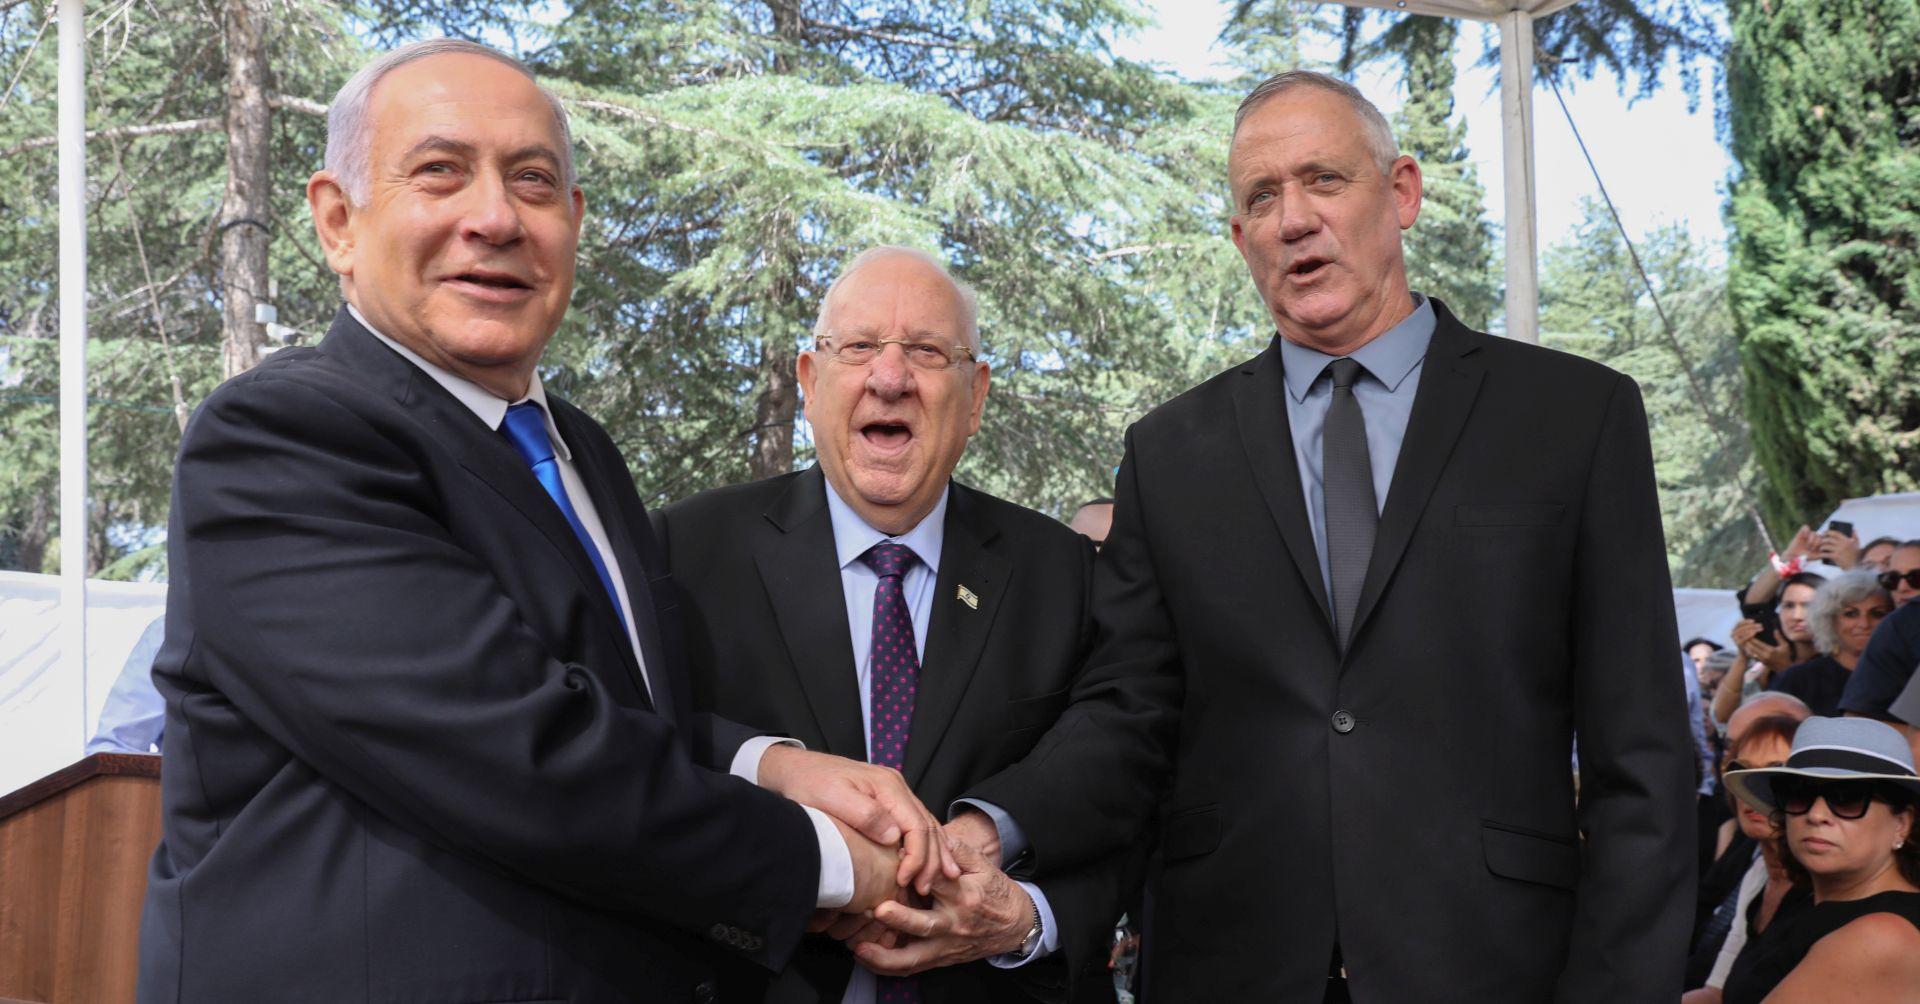 JOŠ UVIJEK NIJEDAN KANDIDAT NEMA VEĆINU: Arapske stranke dale potporu Gantzu, protiv Netanyahua